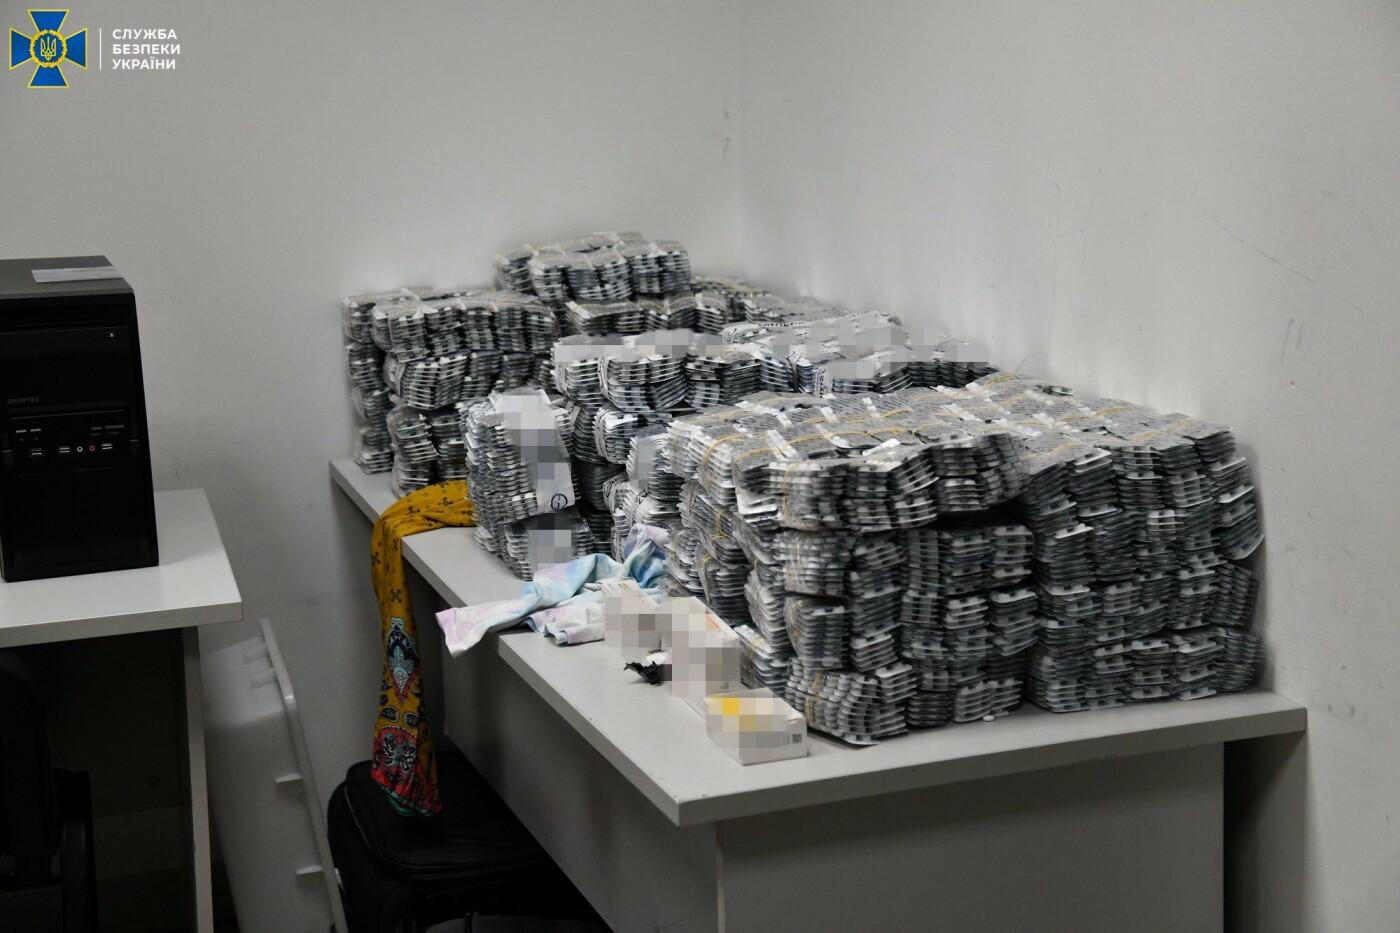 Сотрудники СБУ Днепропетровщины заблокировали контрабанду прекурсоров , фото-2